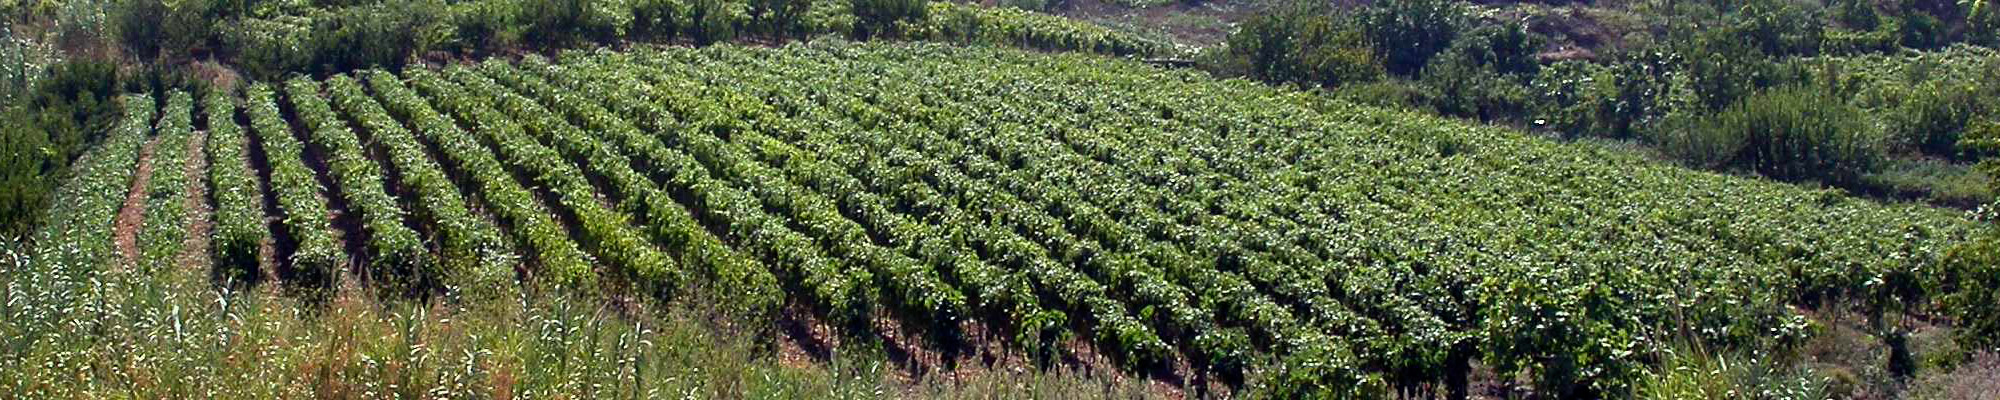 slider_04_agriculture